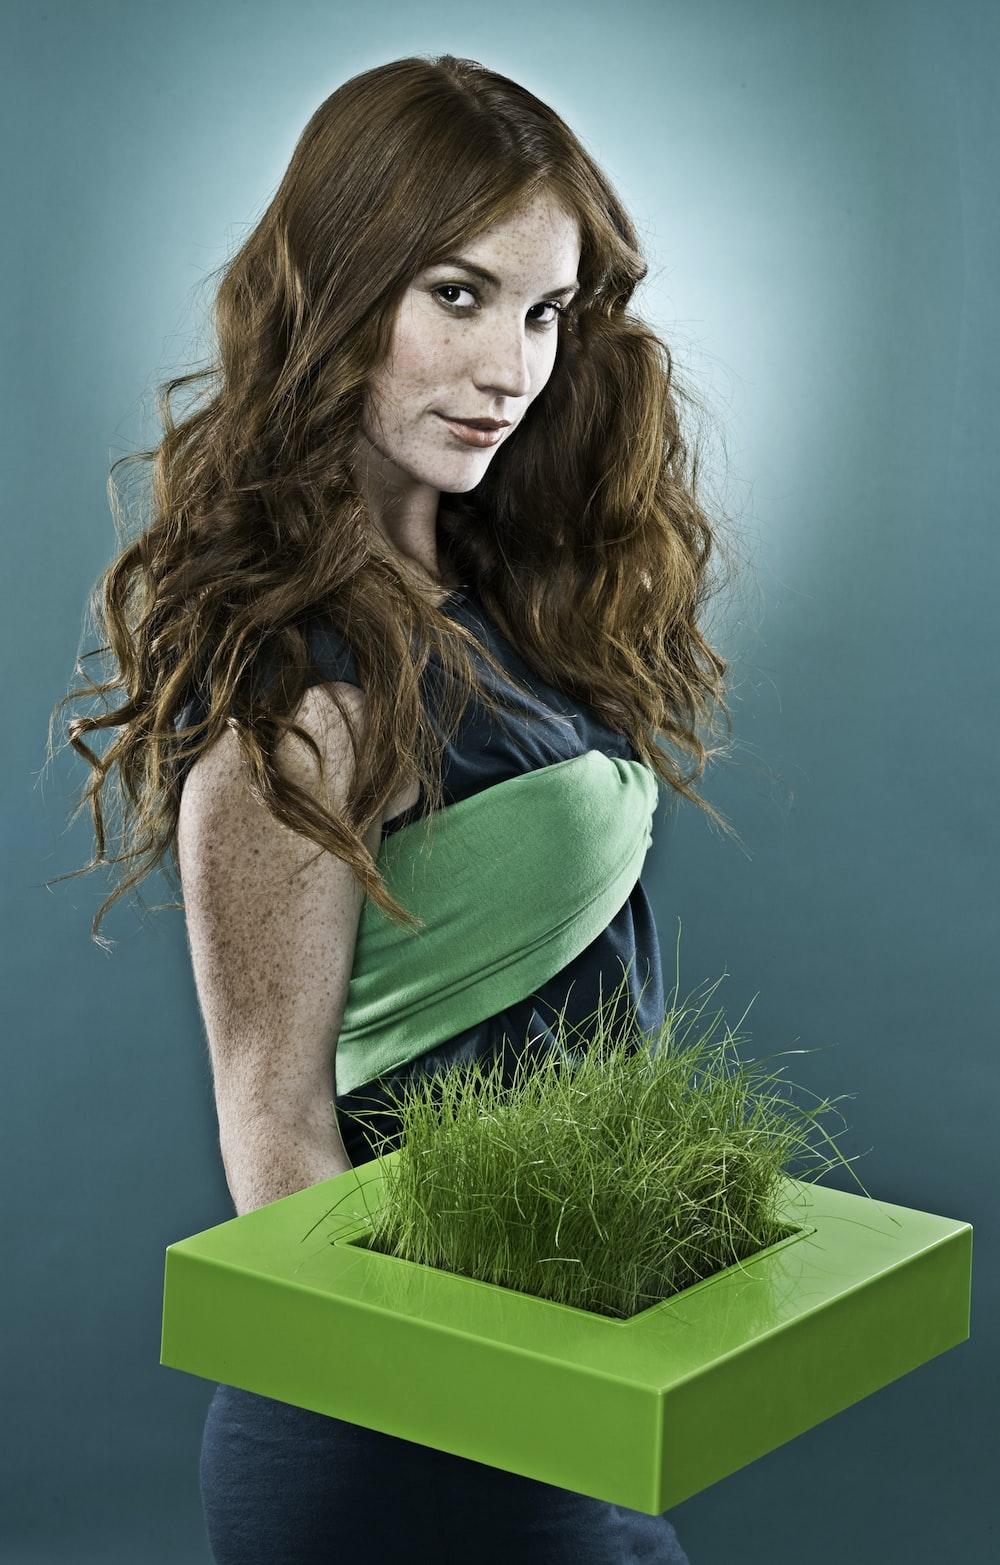 woman holding green grass